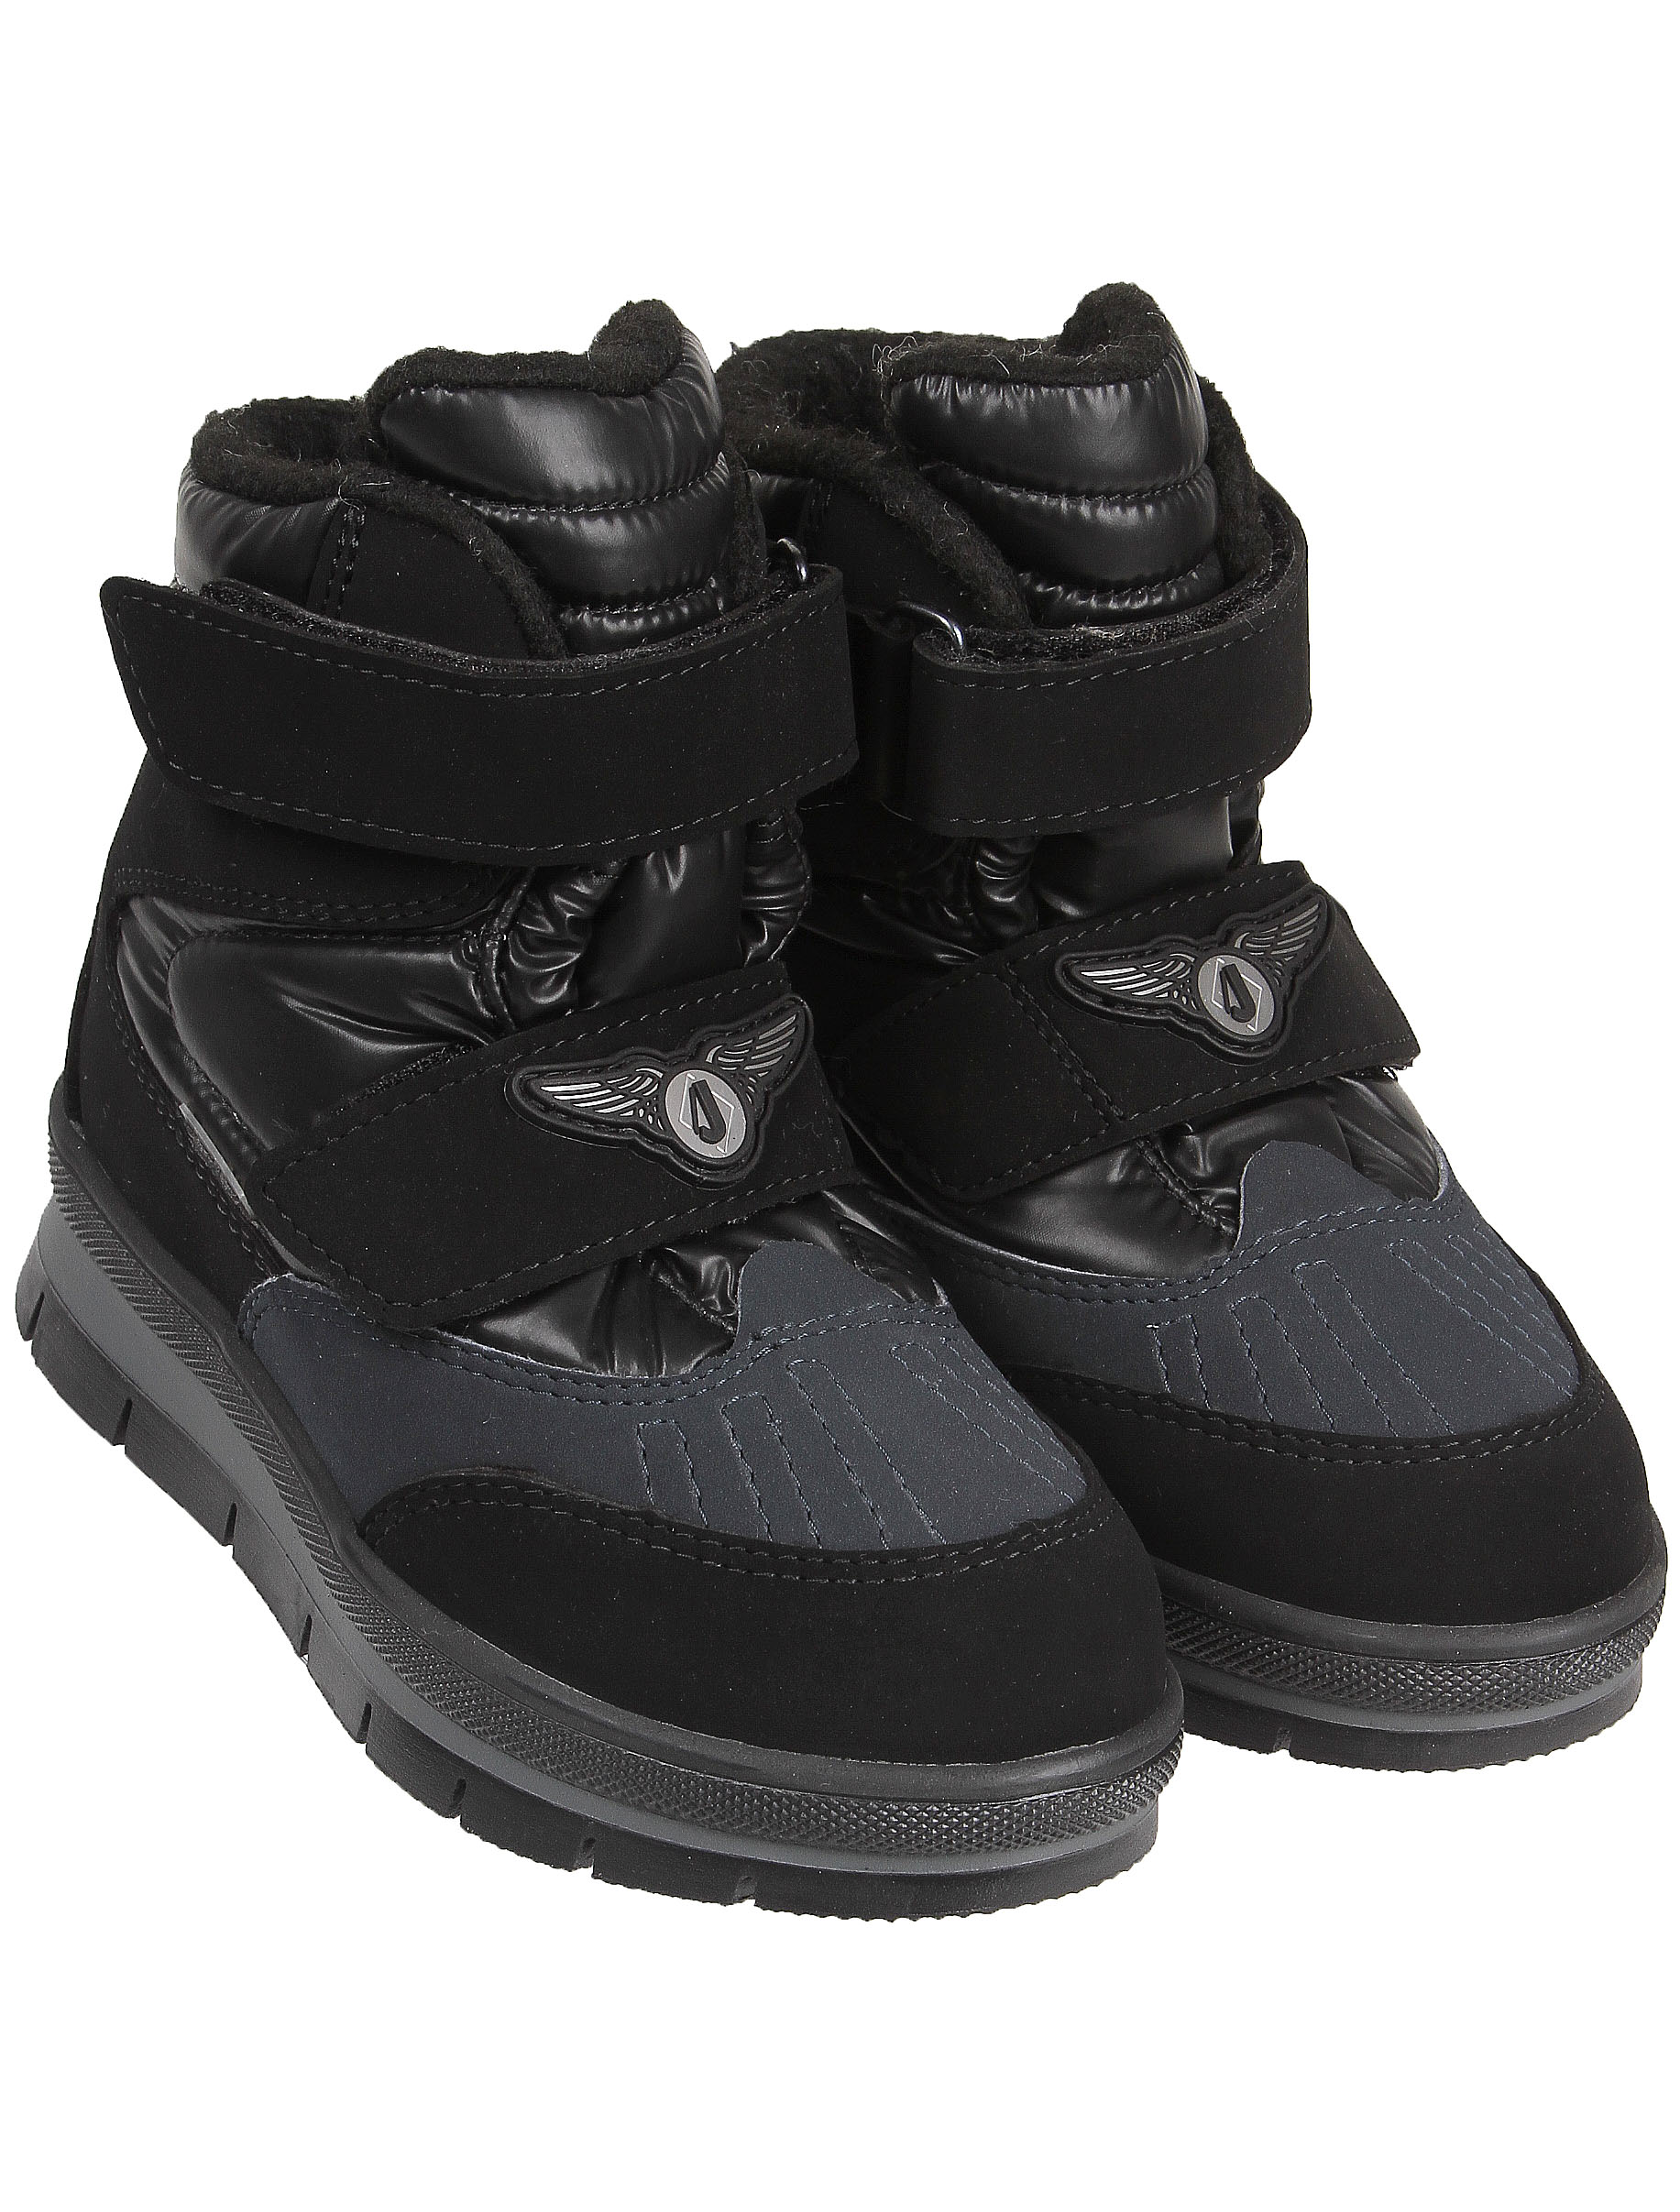 Ботинки Jog Dog 2141181 фото